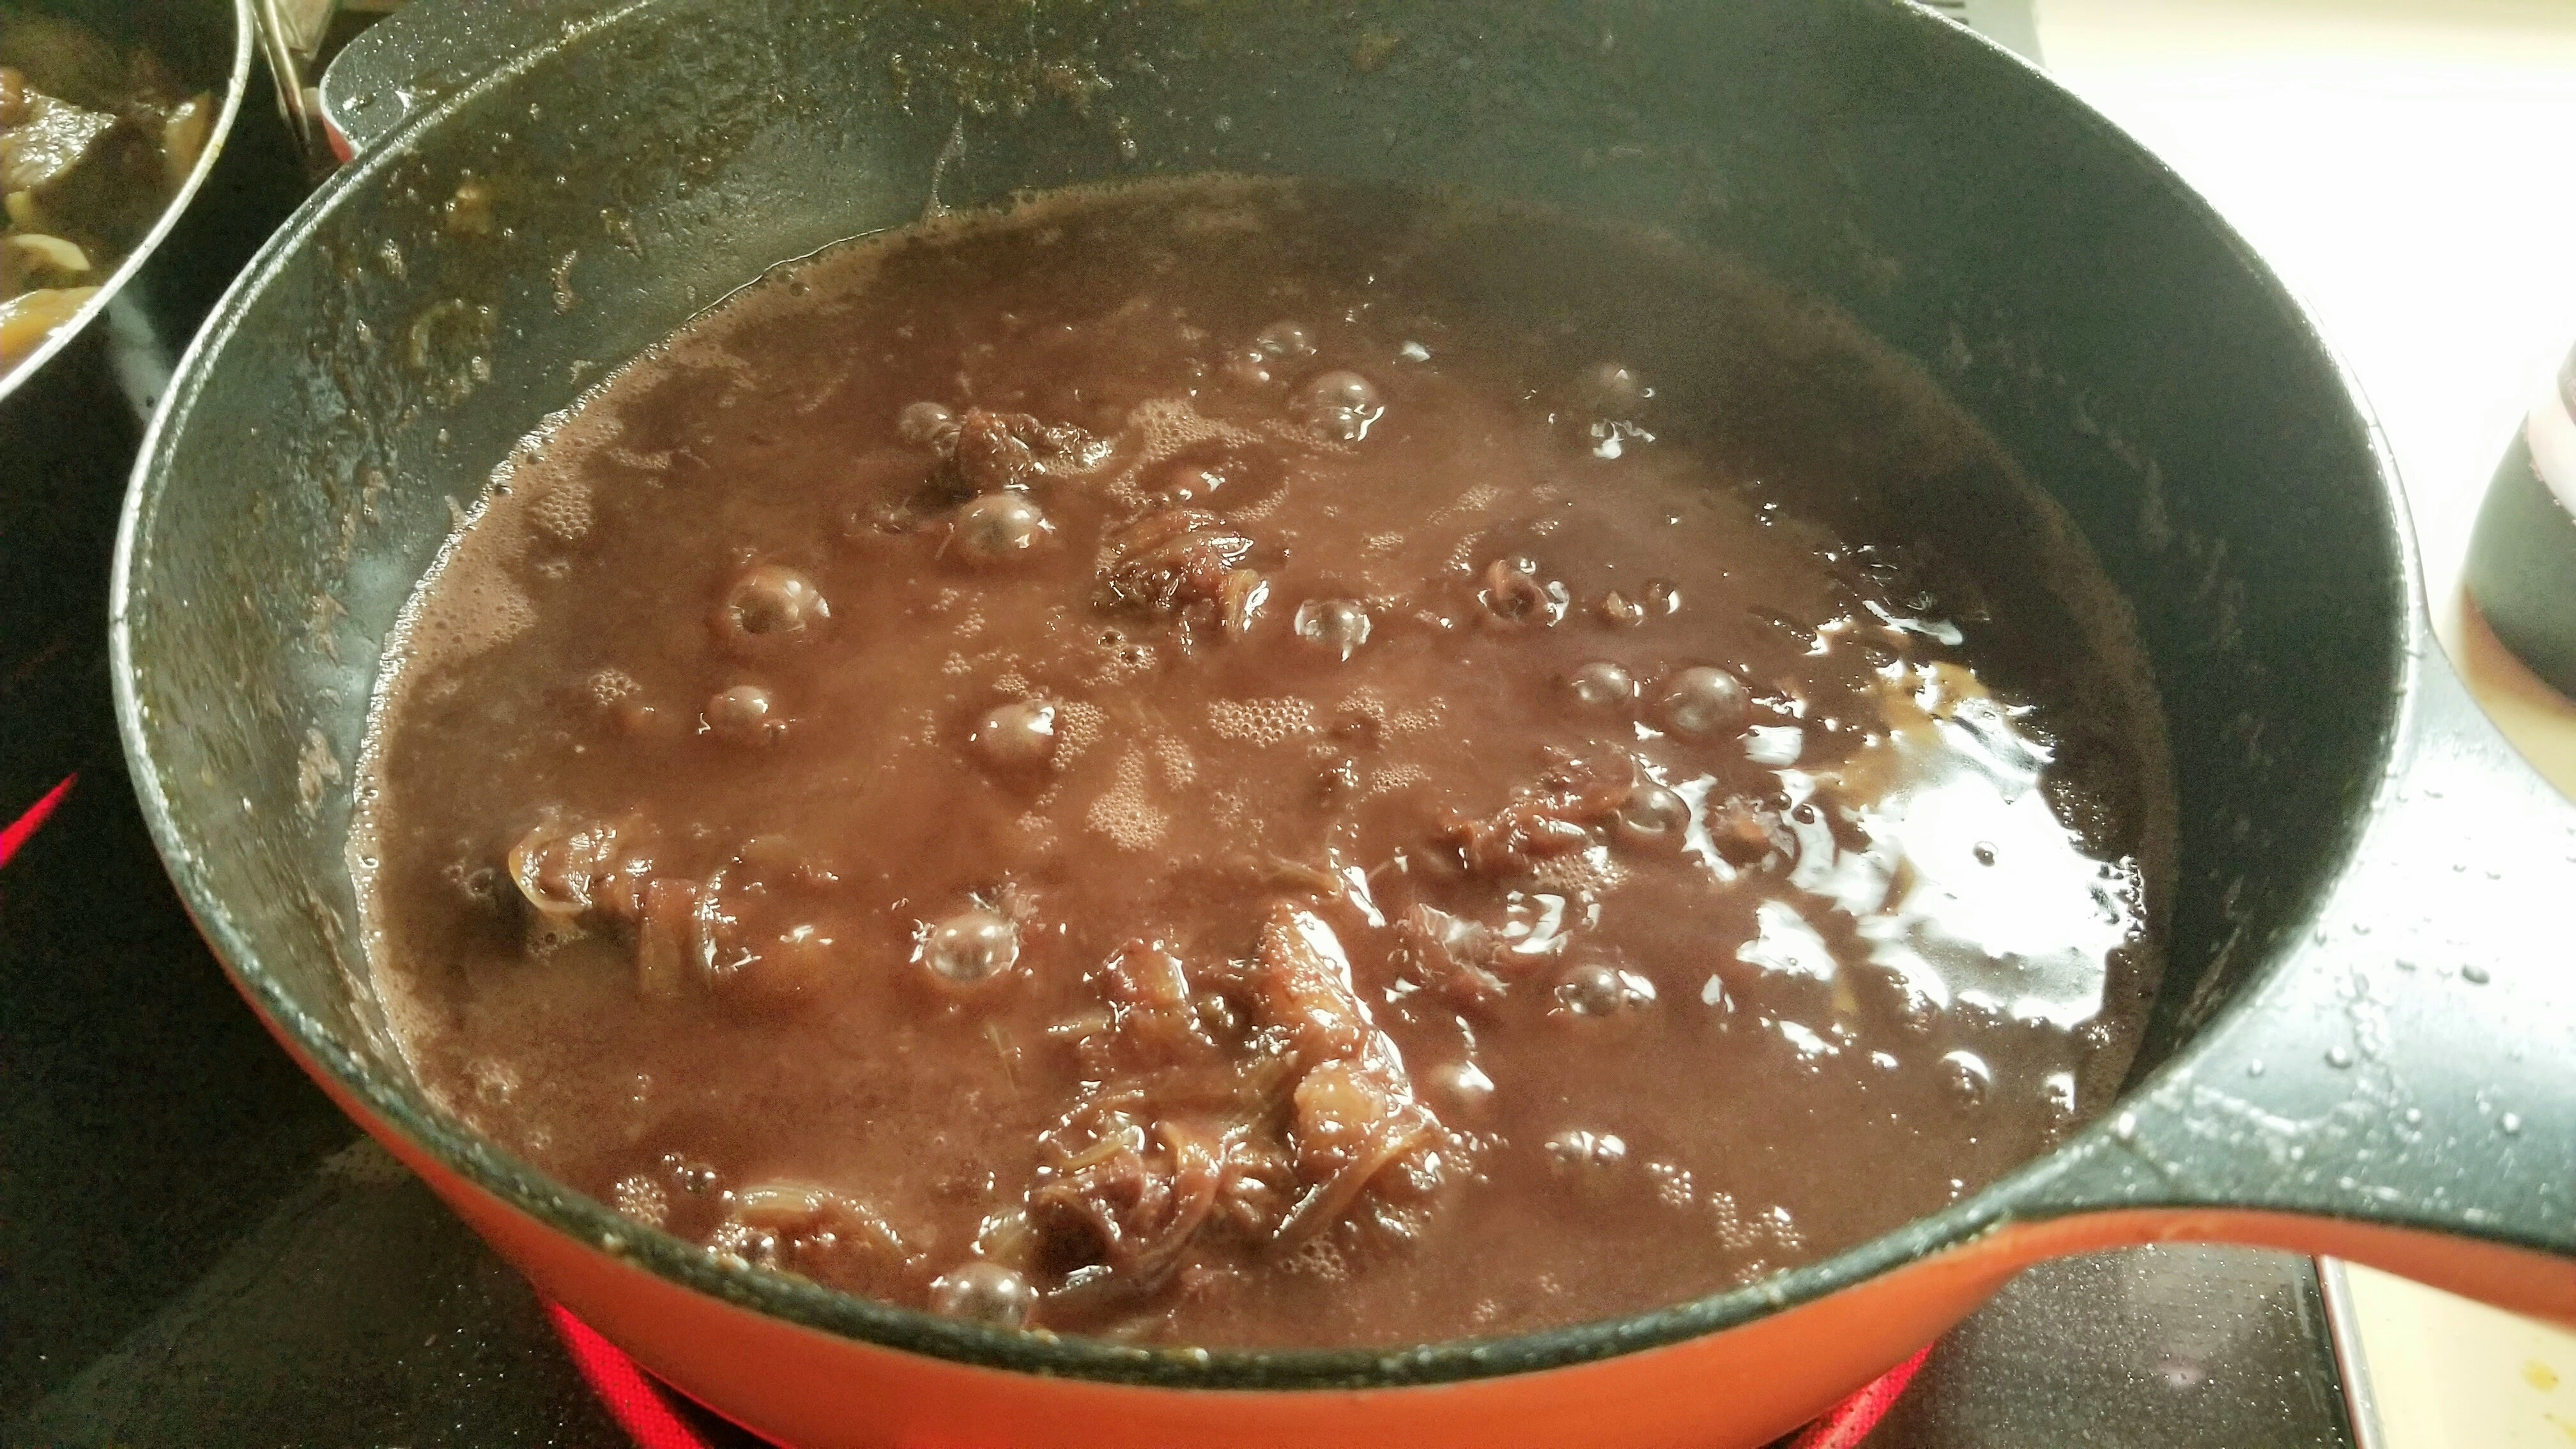 牛もも肉赤ワイン煮込みビーフシチューおいしい下ごしらえ長時間贅沢